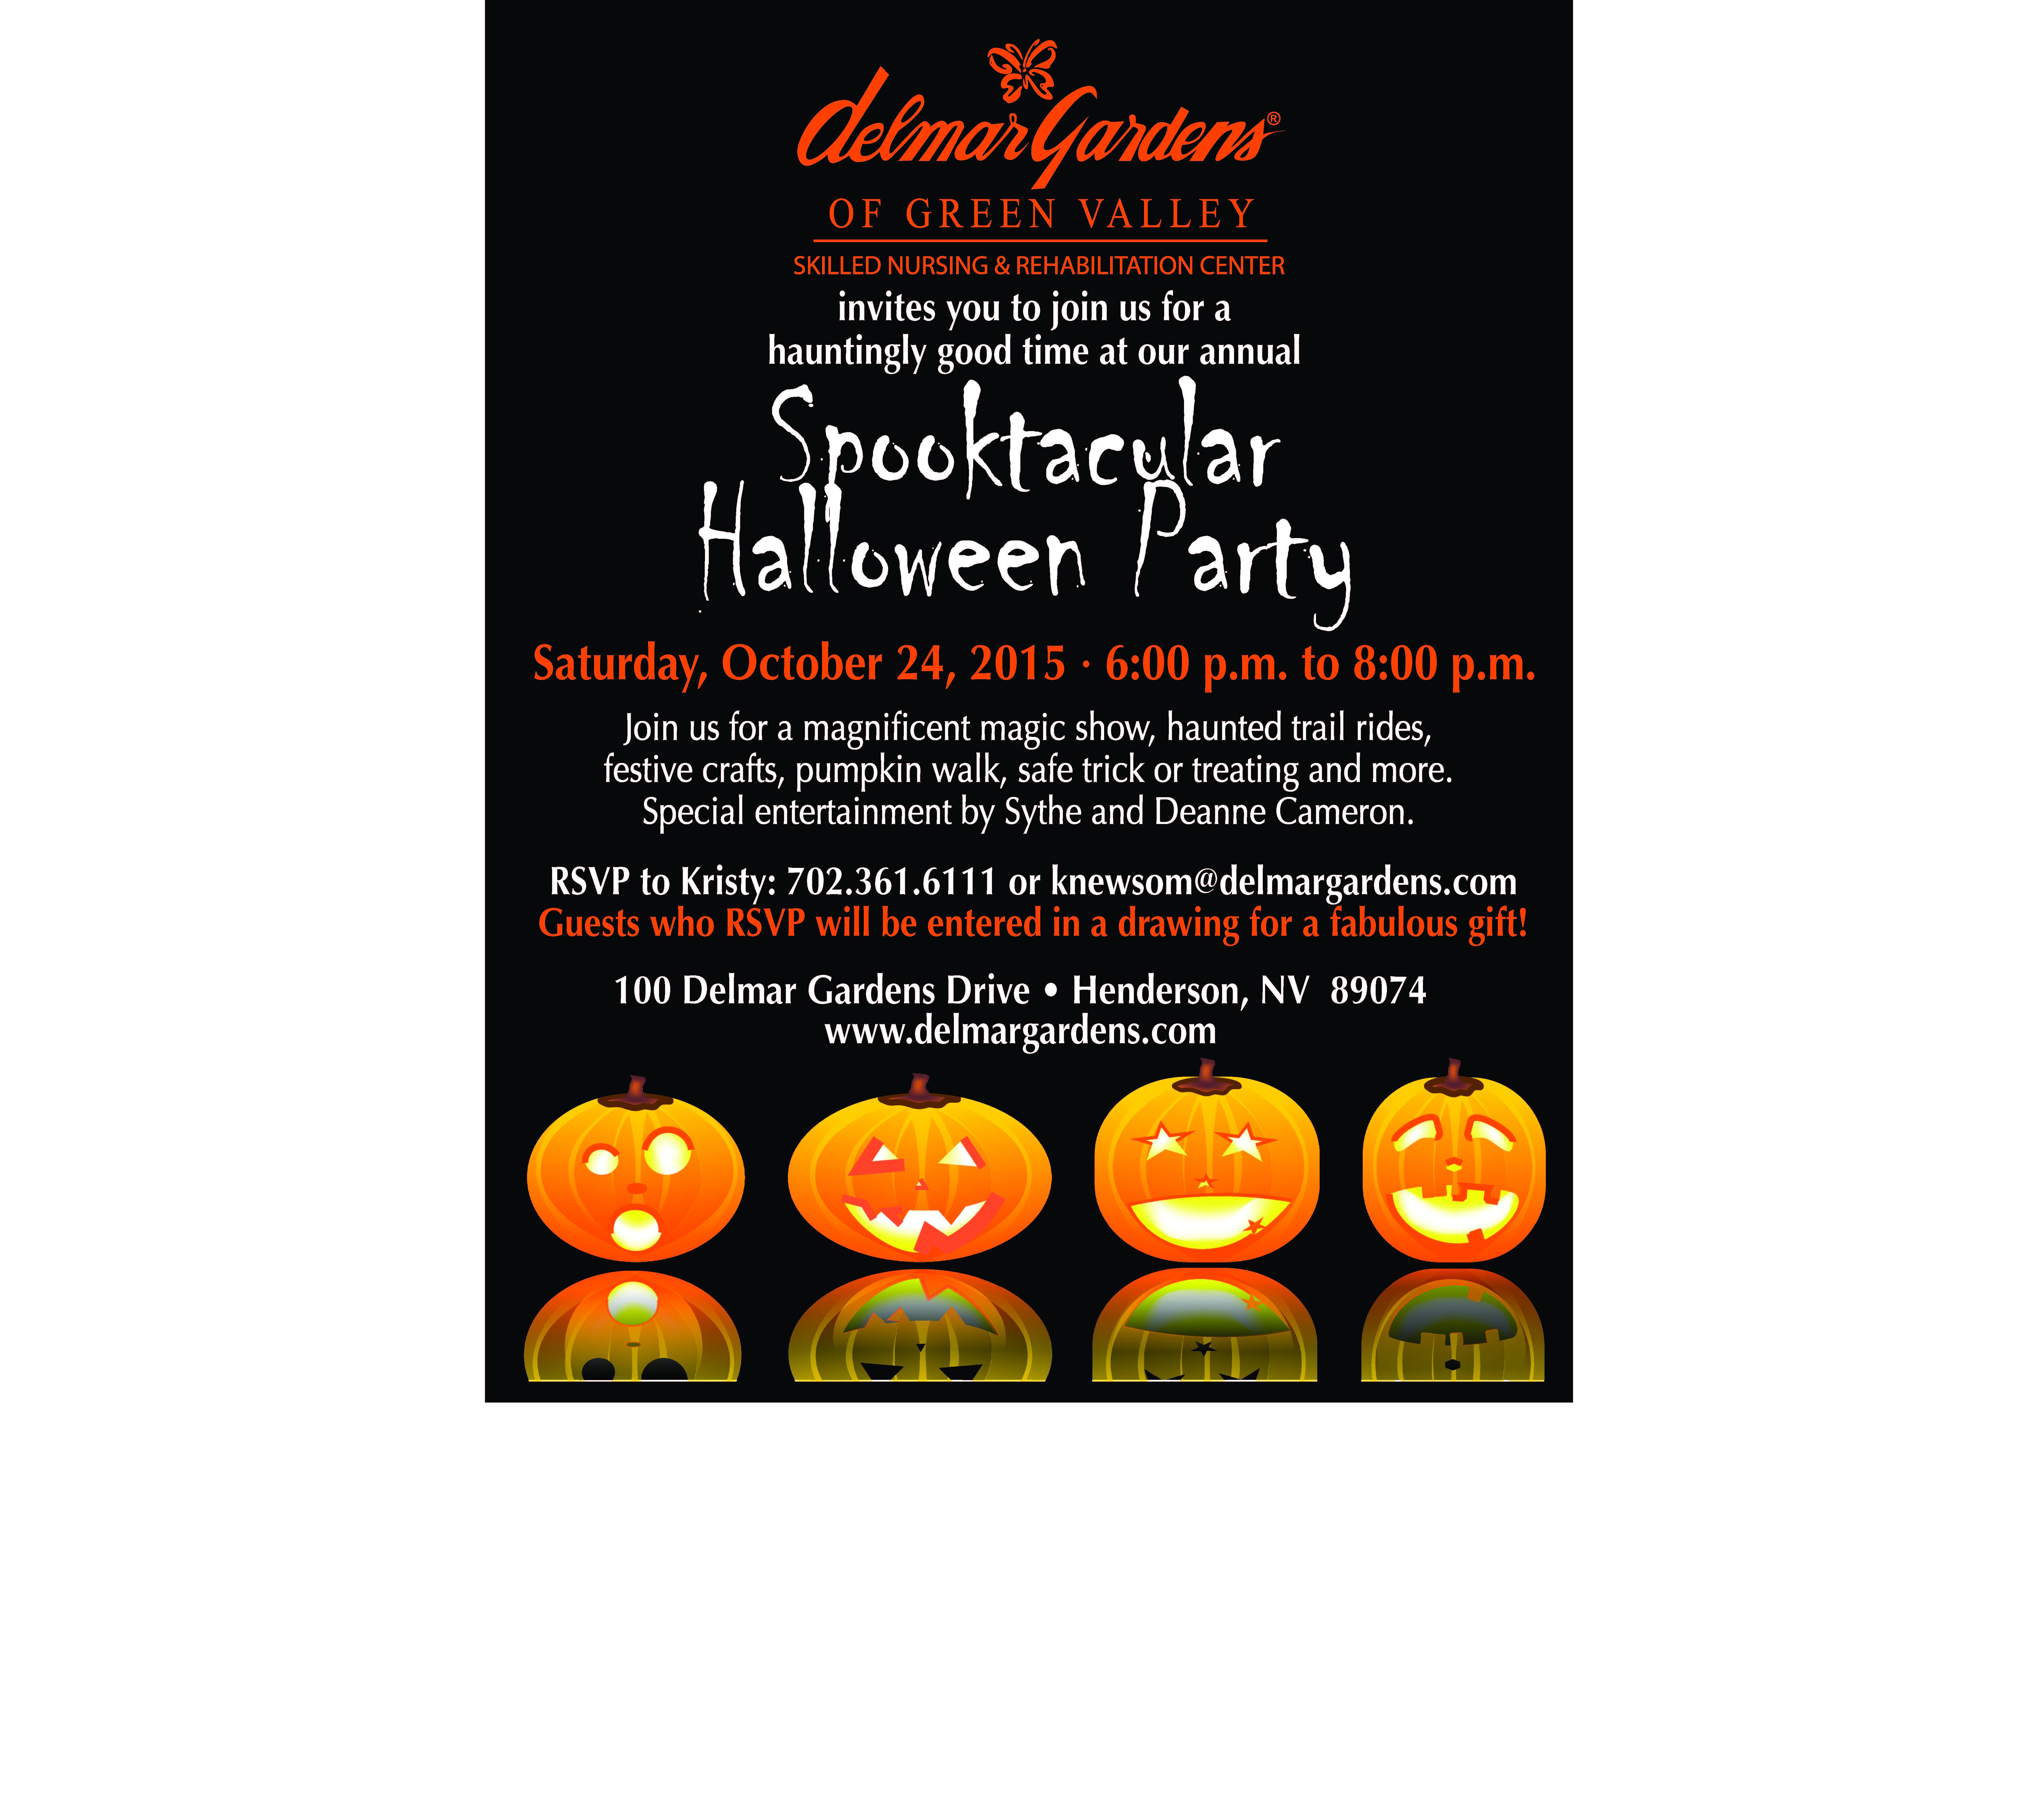 Spooktacular Halloween Party Public Flyer | Delmar Gardens